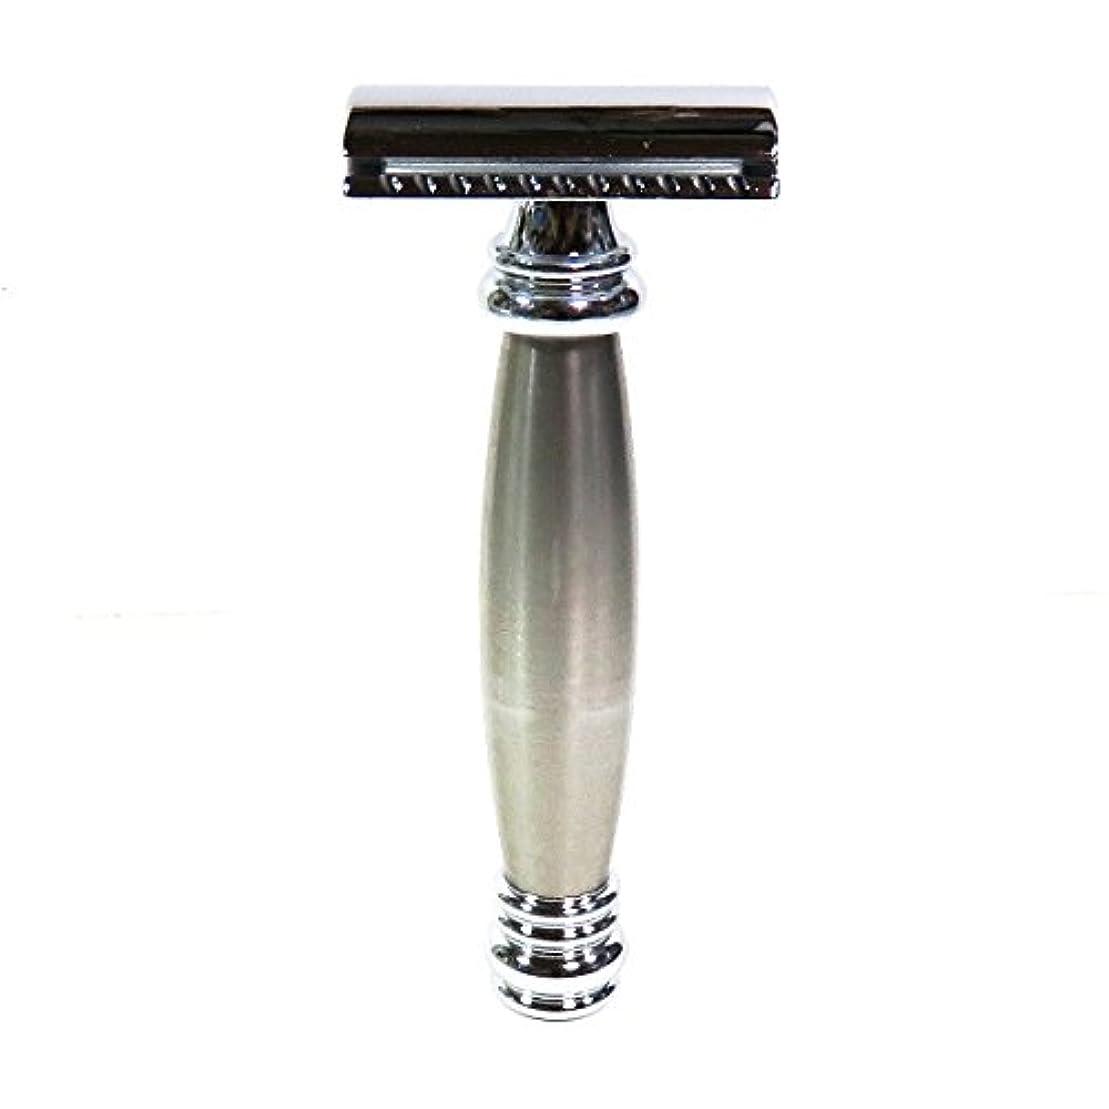 ボタン羽アカデミーメルクールMERKUR(独)髭剃り(ひげそり)両刃ホルダー43002 流線型重厚グリップ